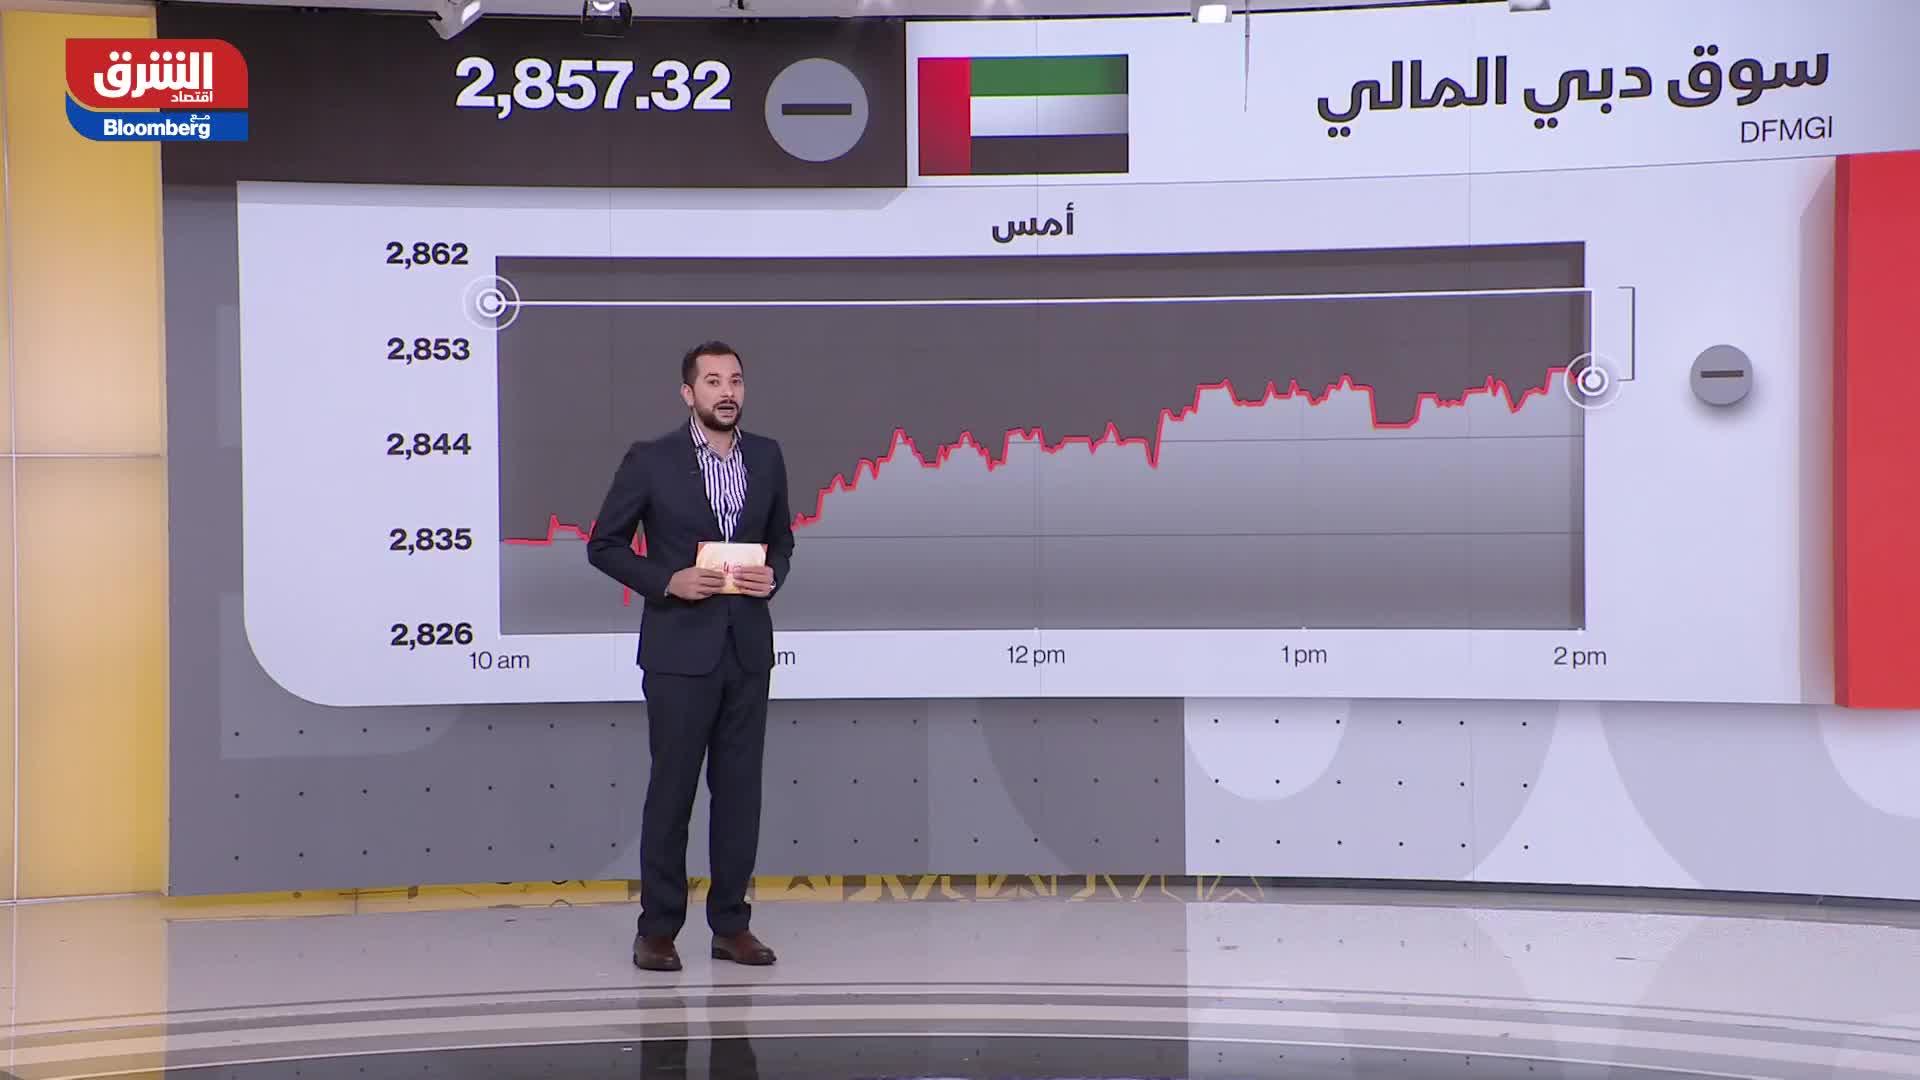 افتتاح الأسواق الخليجية 21-10-21